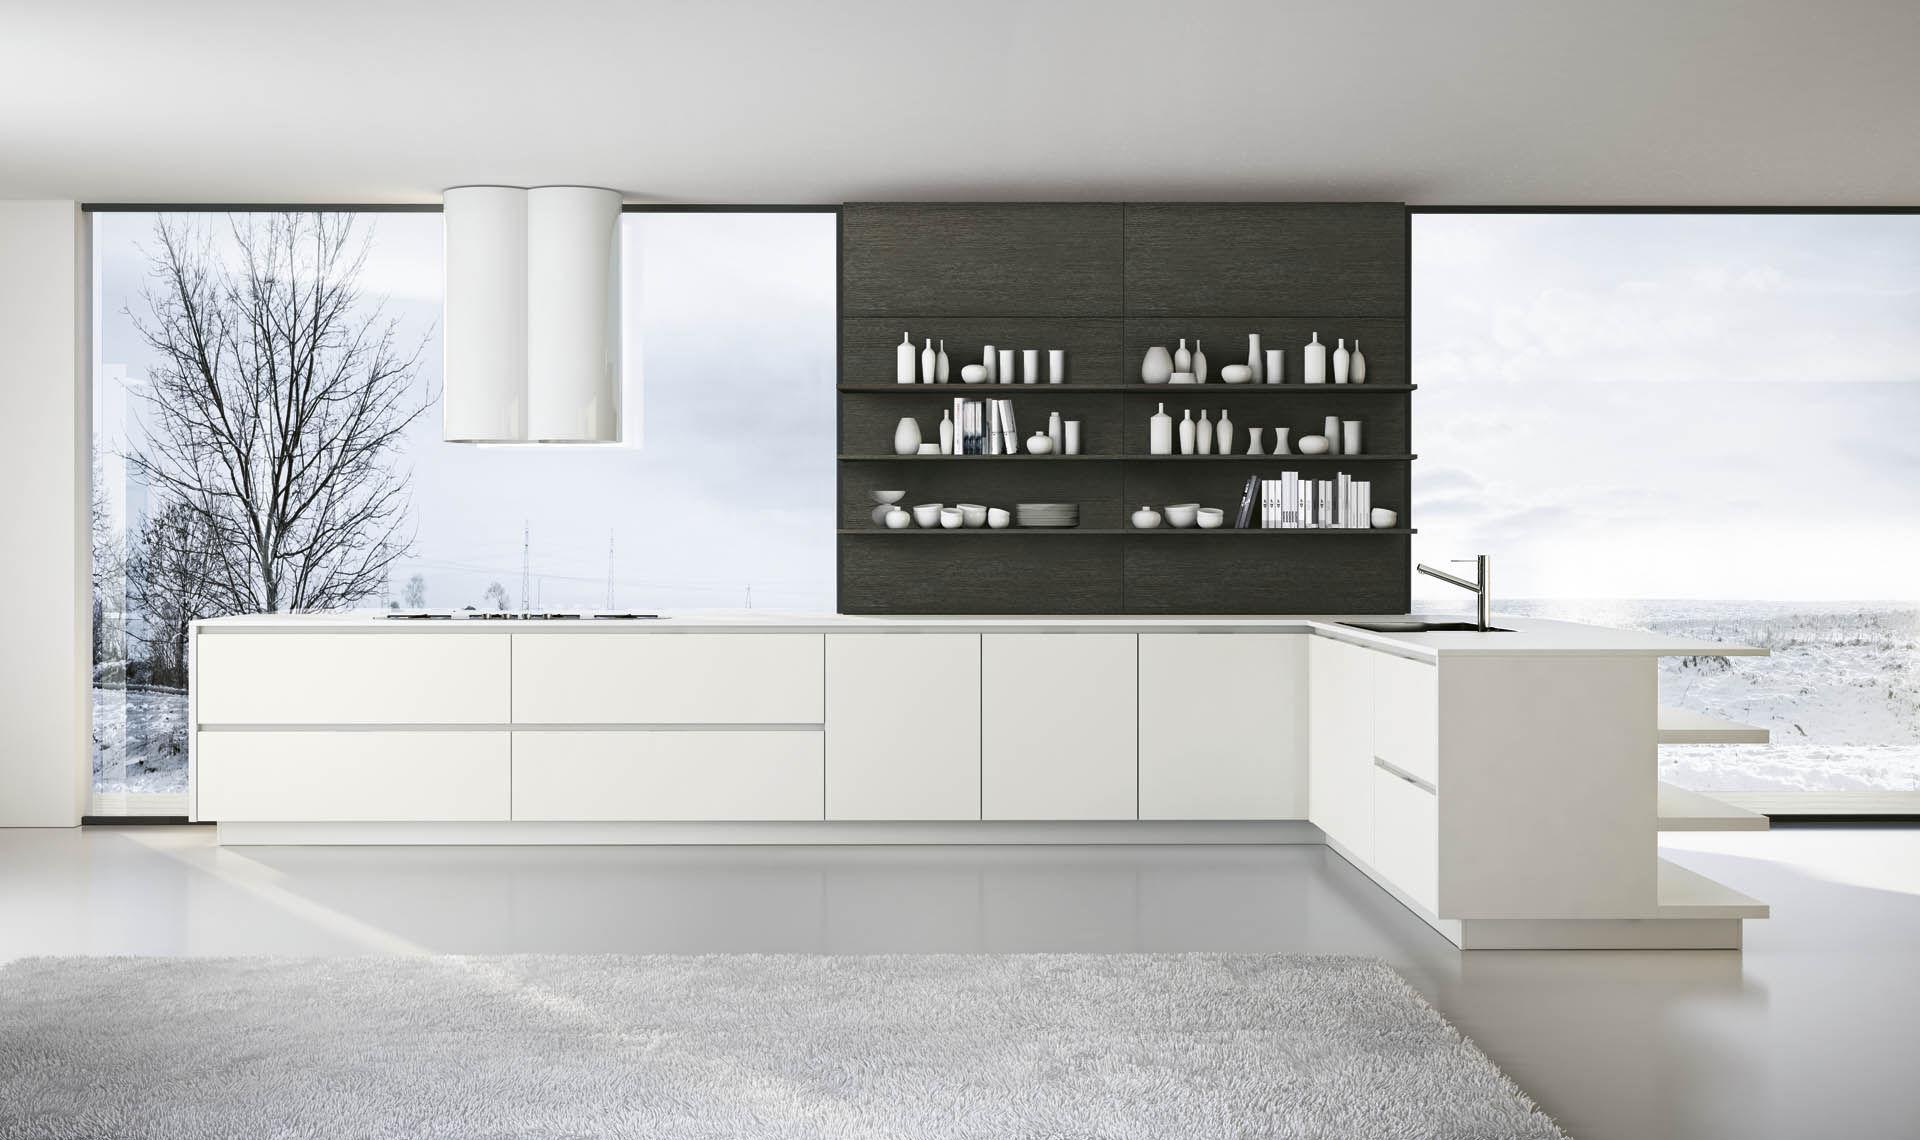 valdesign cucine contemporary kitchen melamine stainless steel wood veneer domus